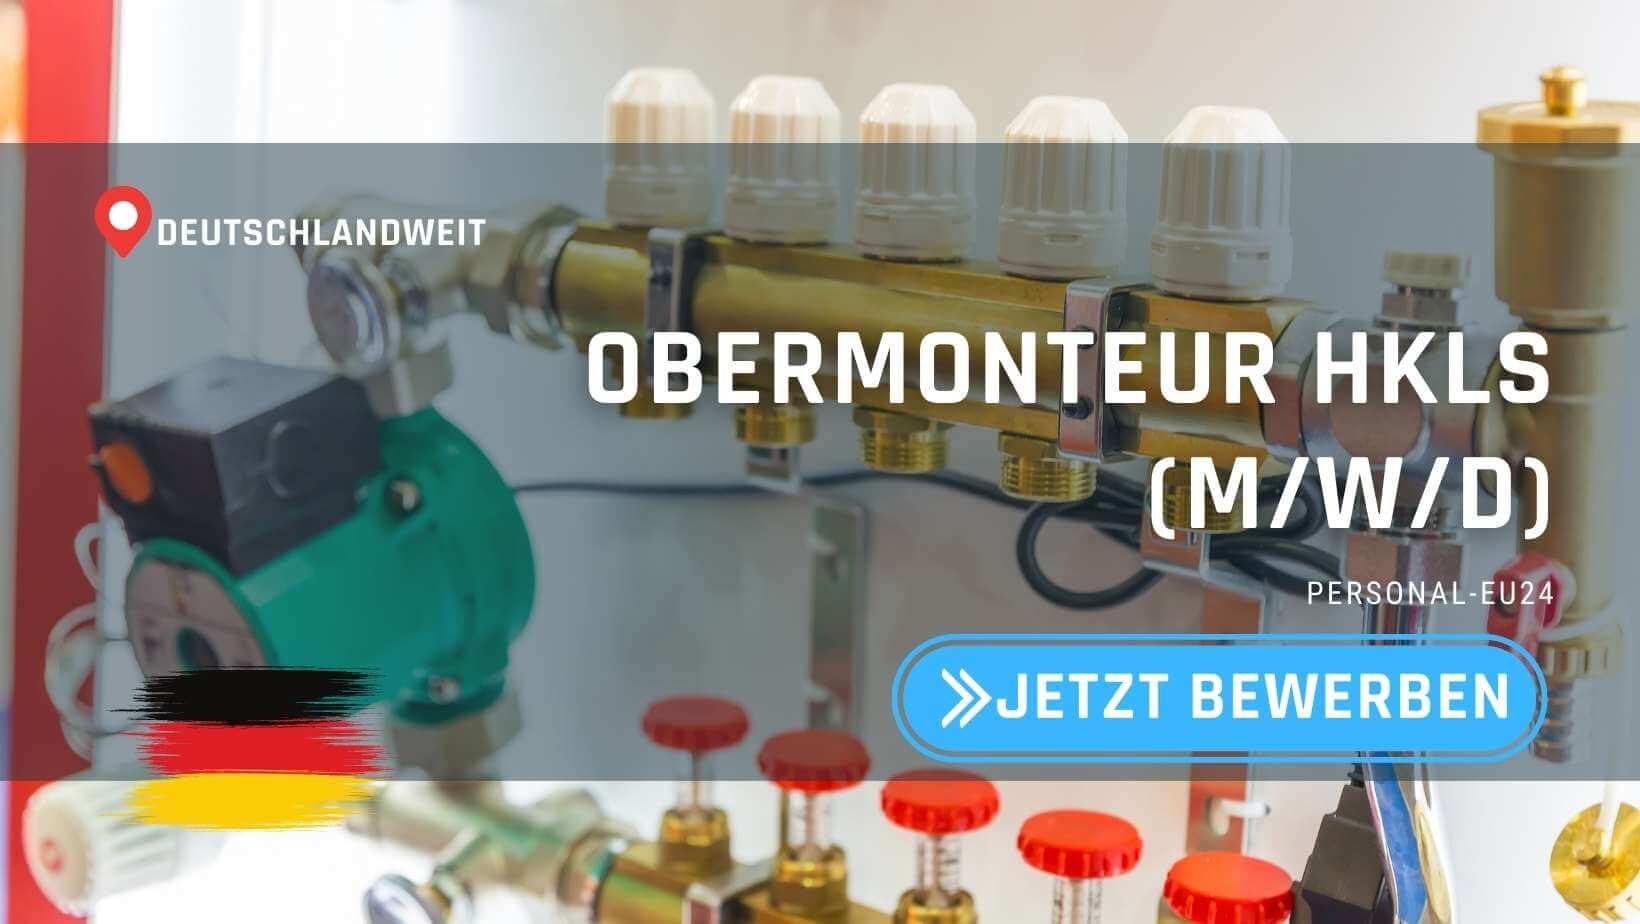 DE_K0054_122 - Obermonteur HKLS (mwd) Jobs in Deutschland